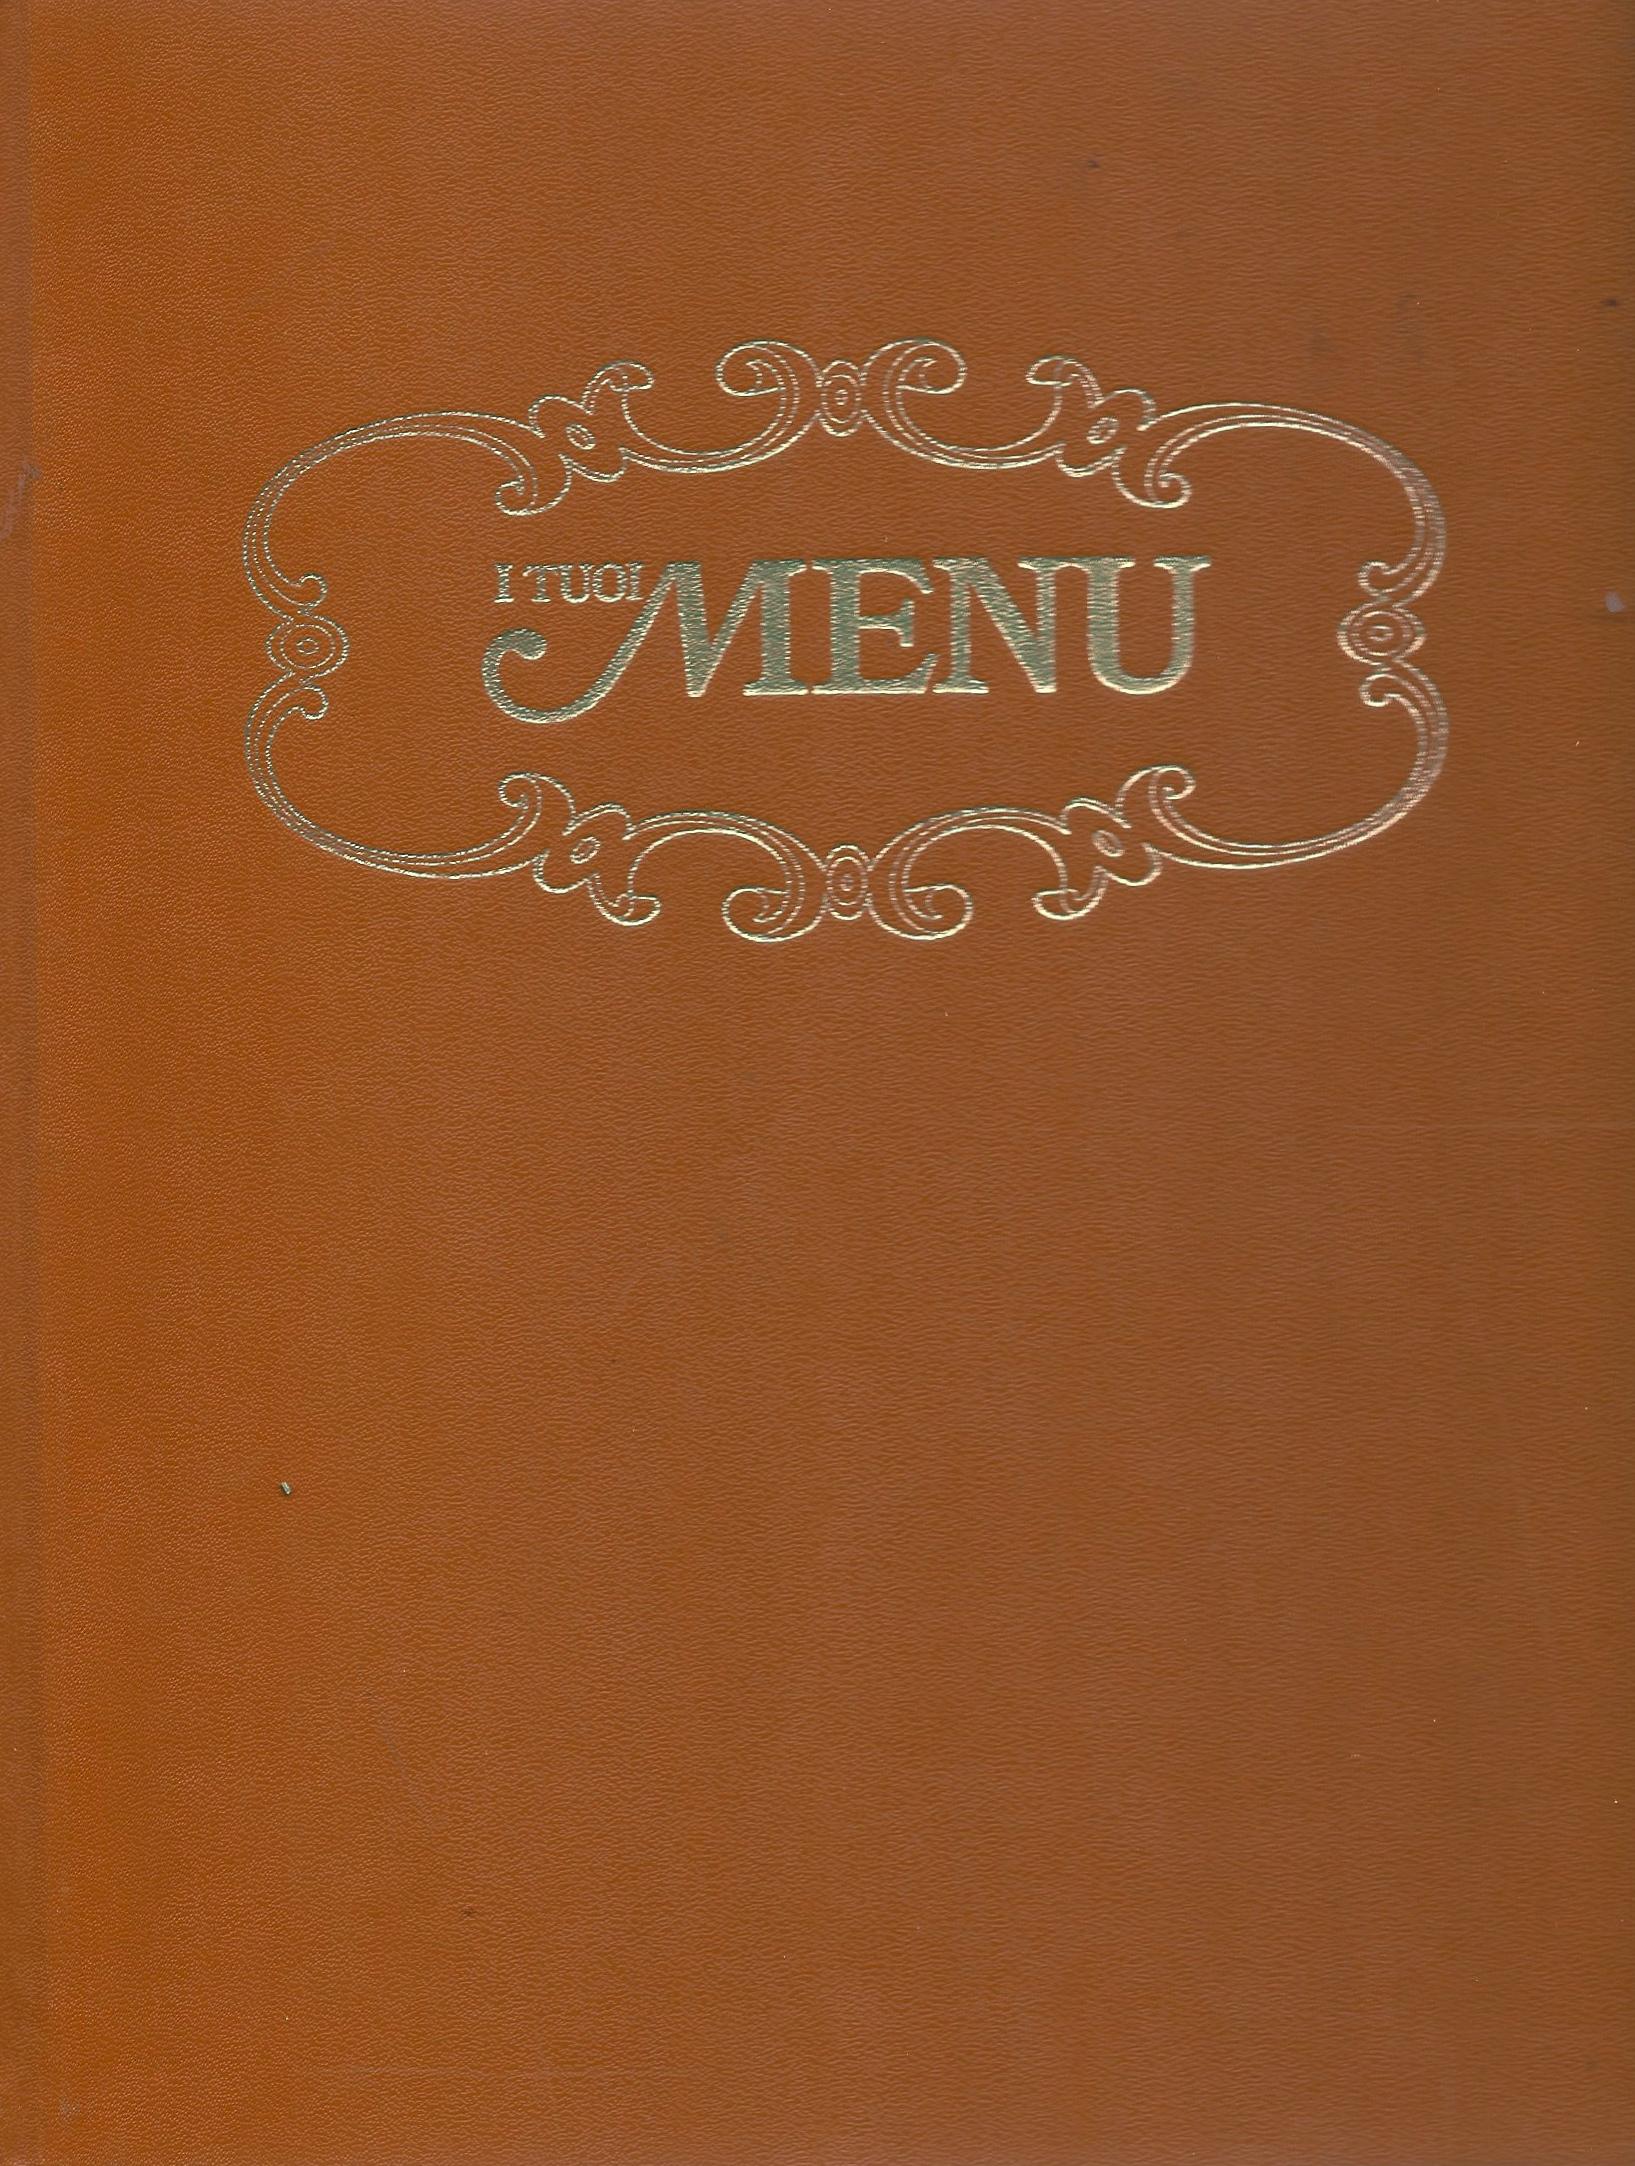 I tuoi menu - vol 5